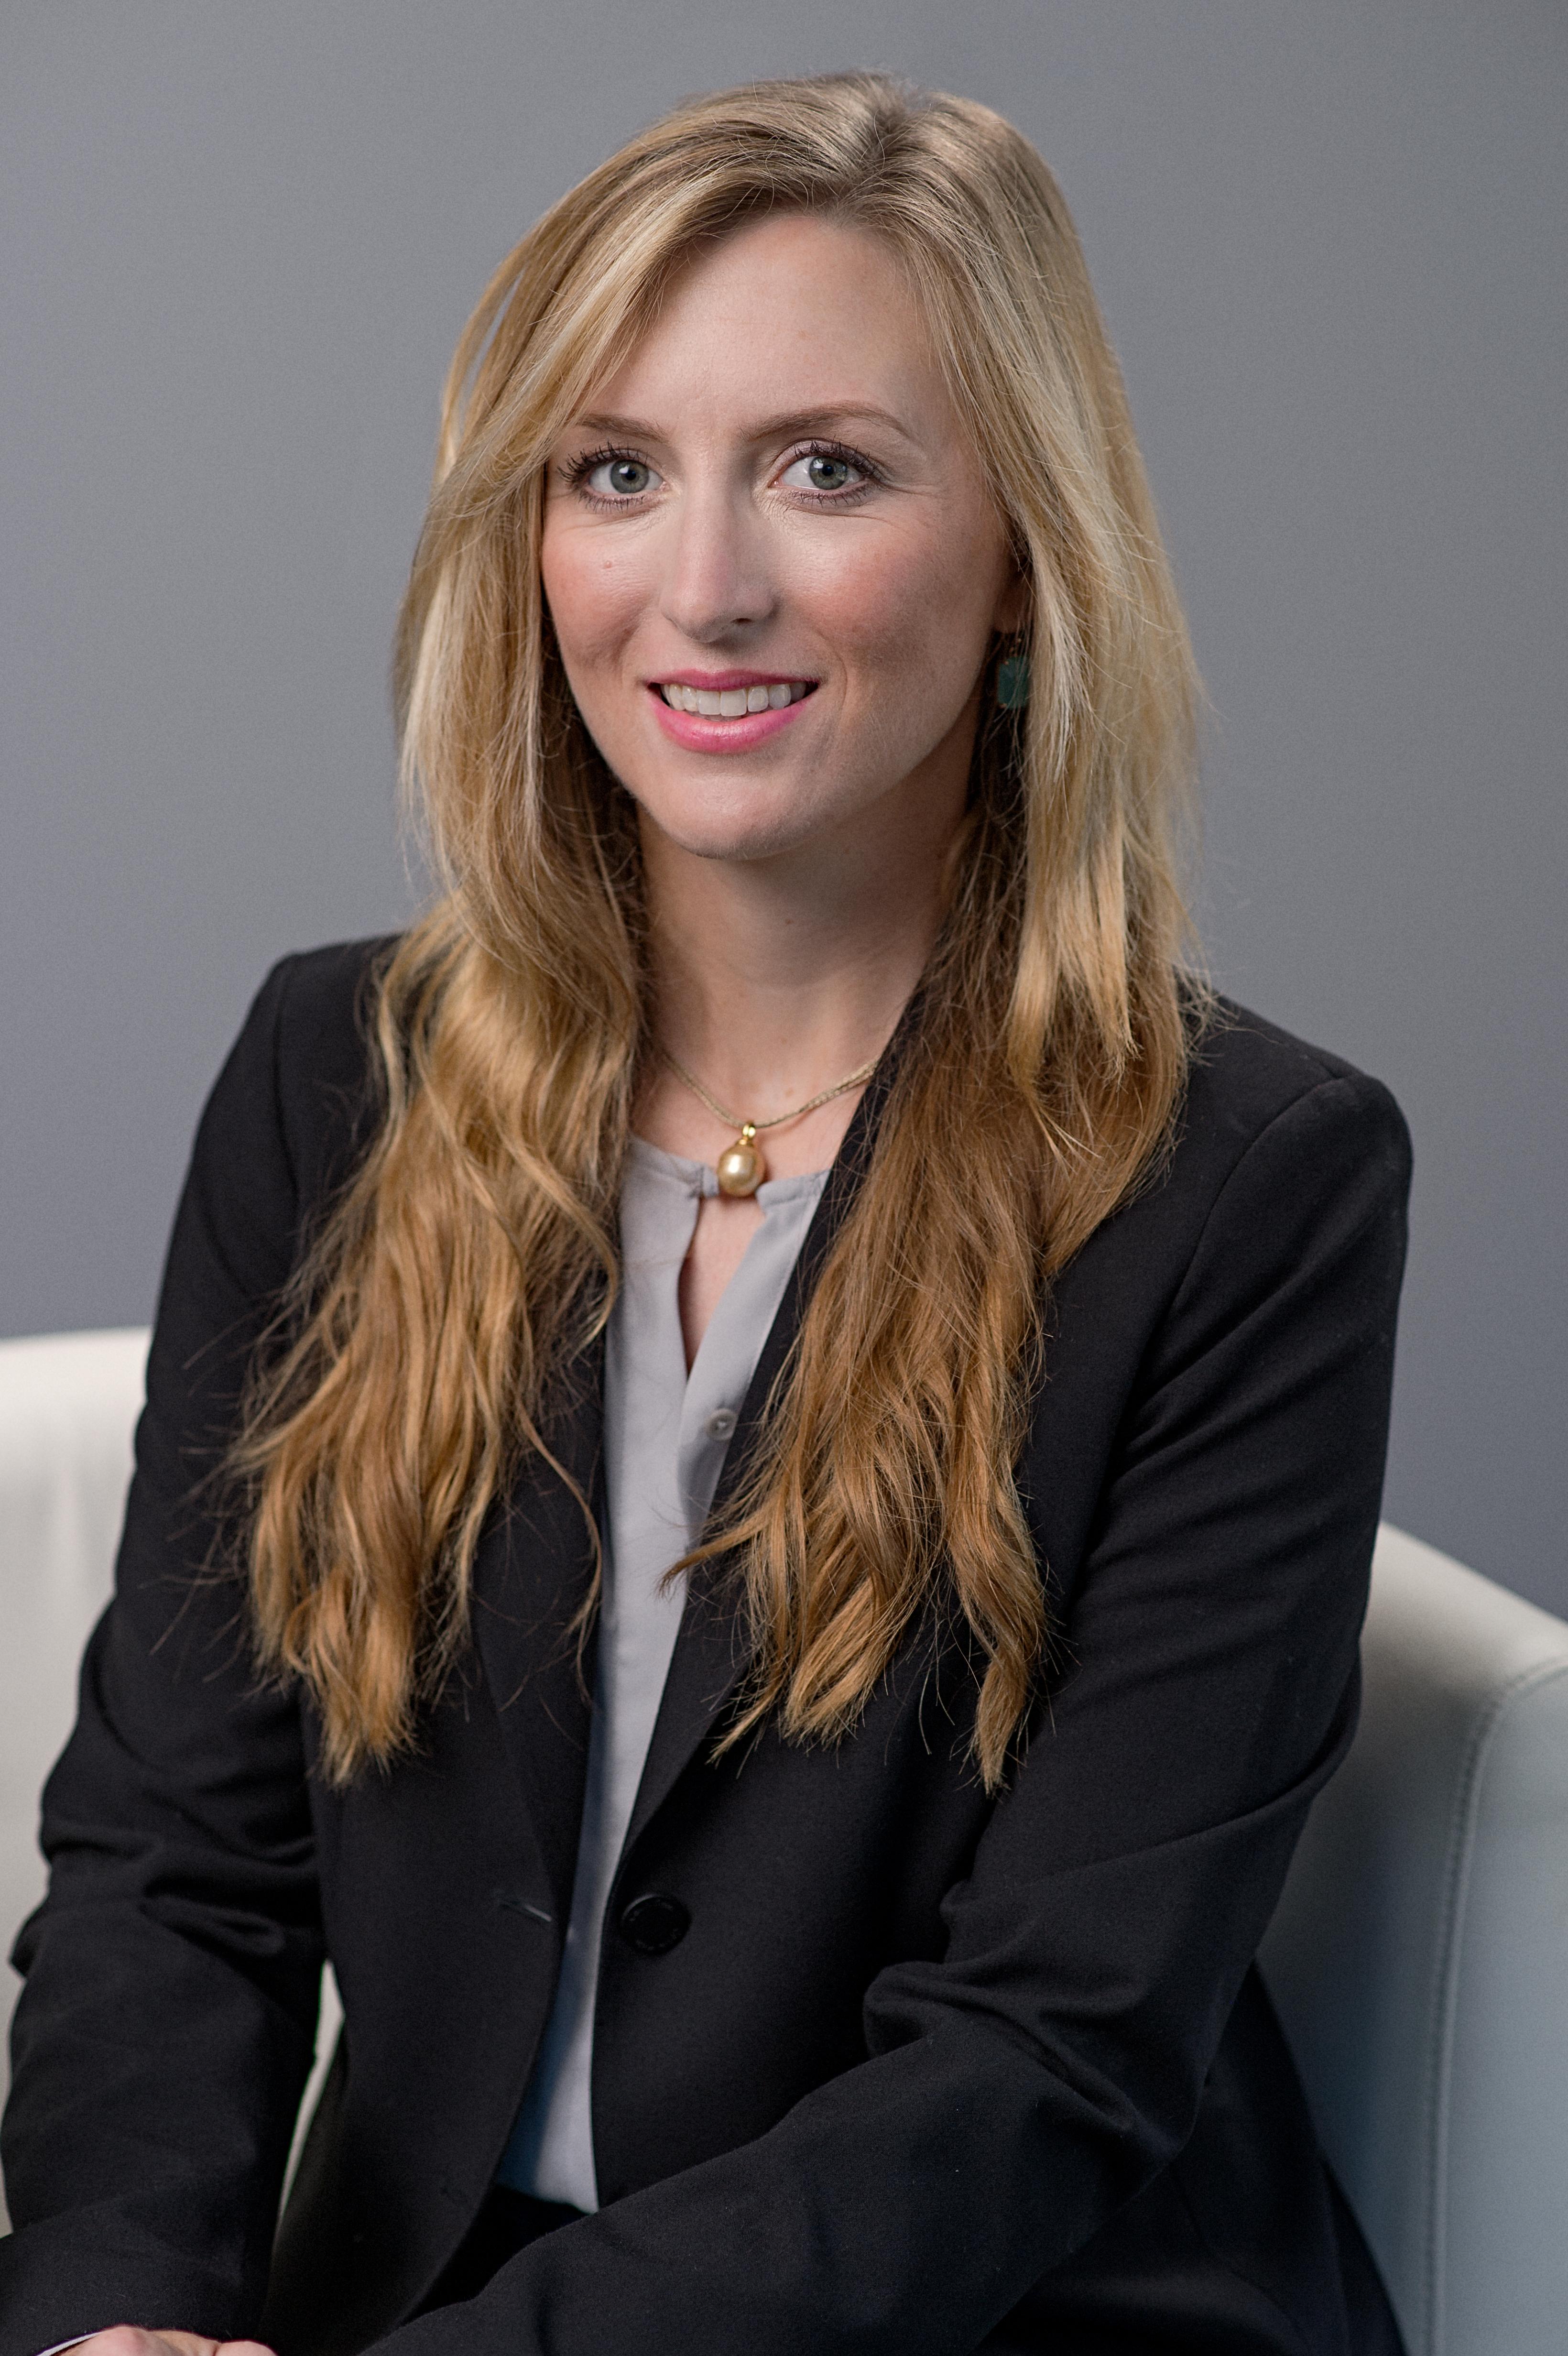 Alanna Lungren